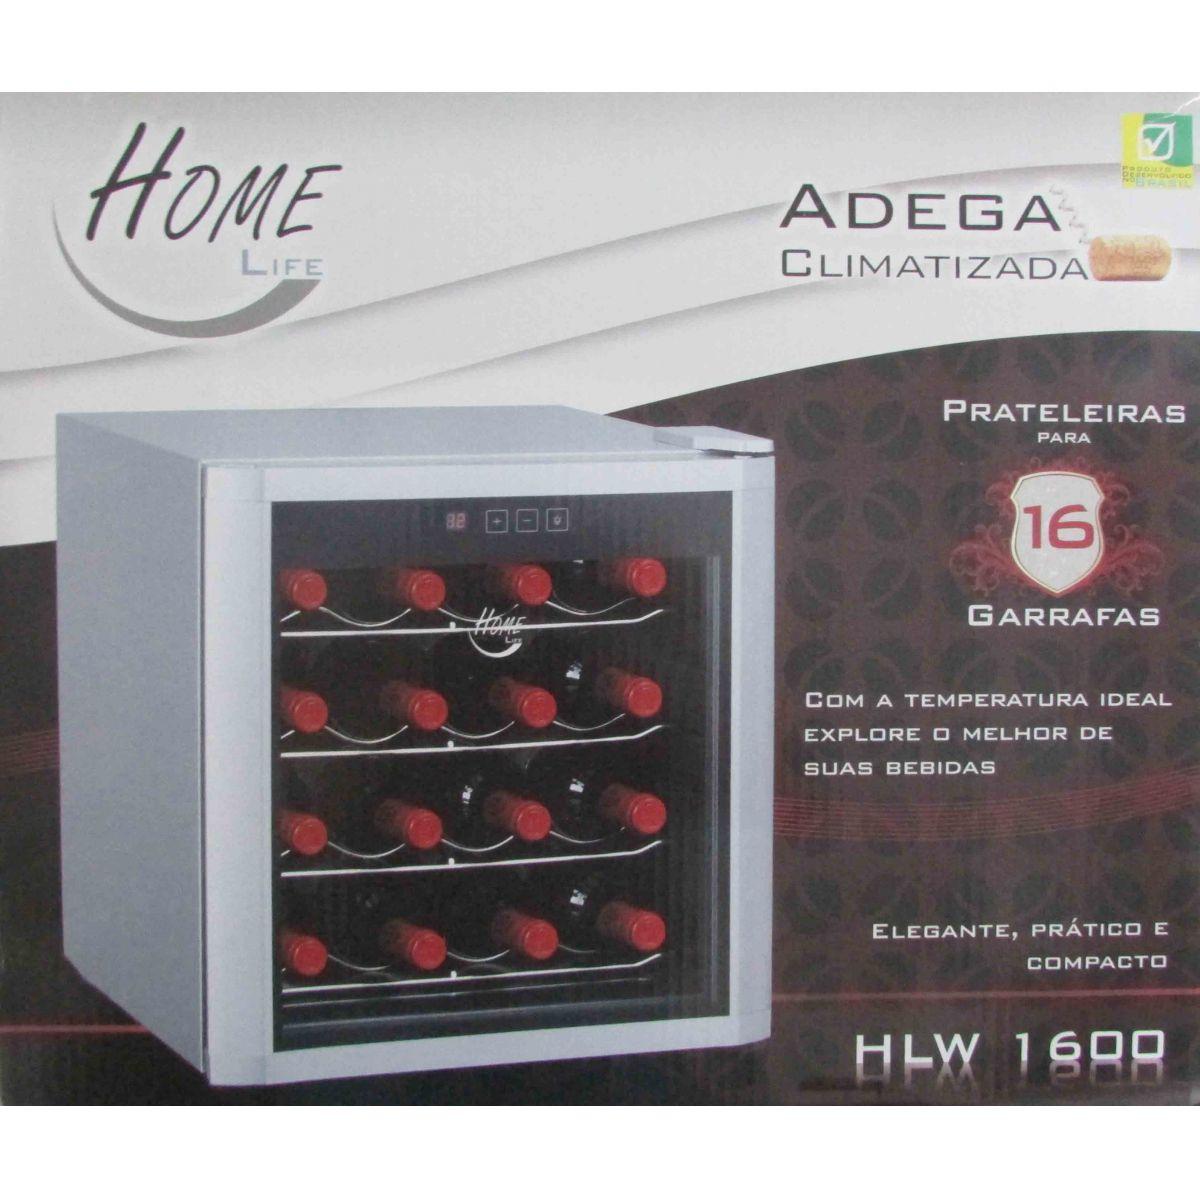 Adega Climatizada de Vinho 16 Garrafas Home Life HLW 1600